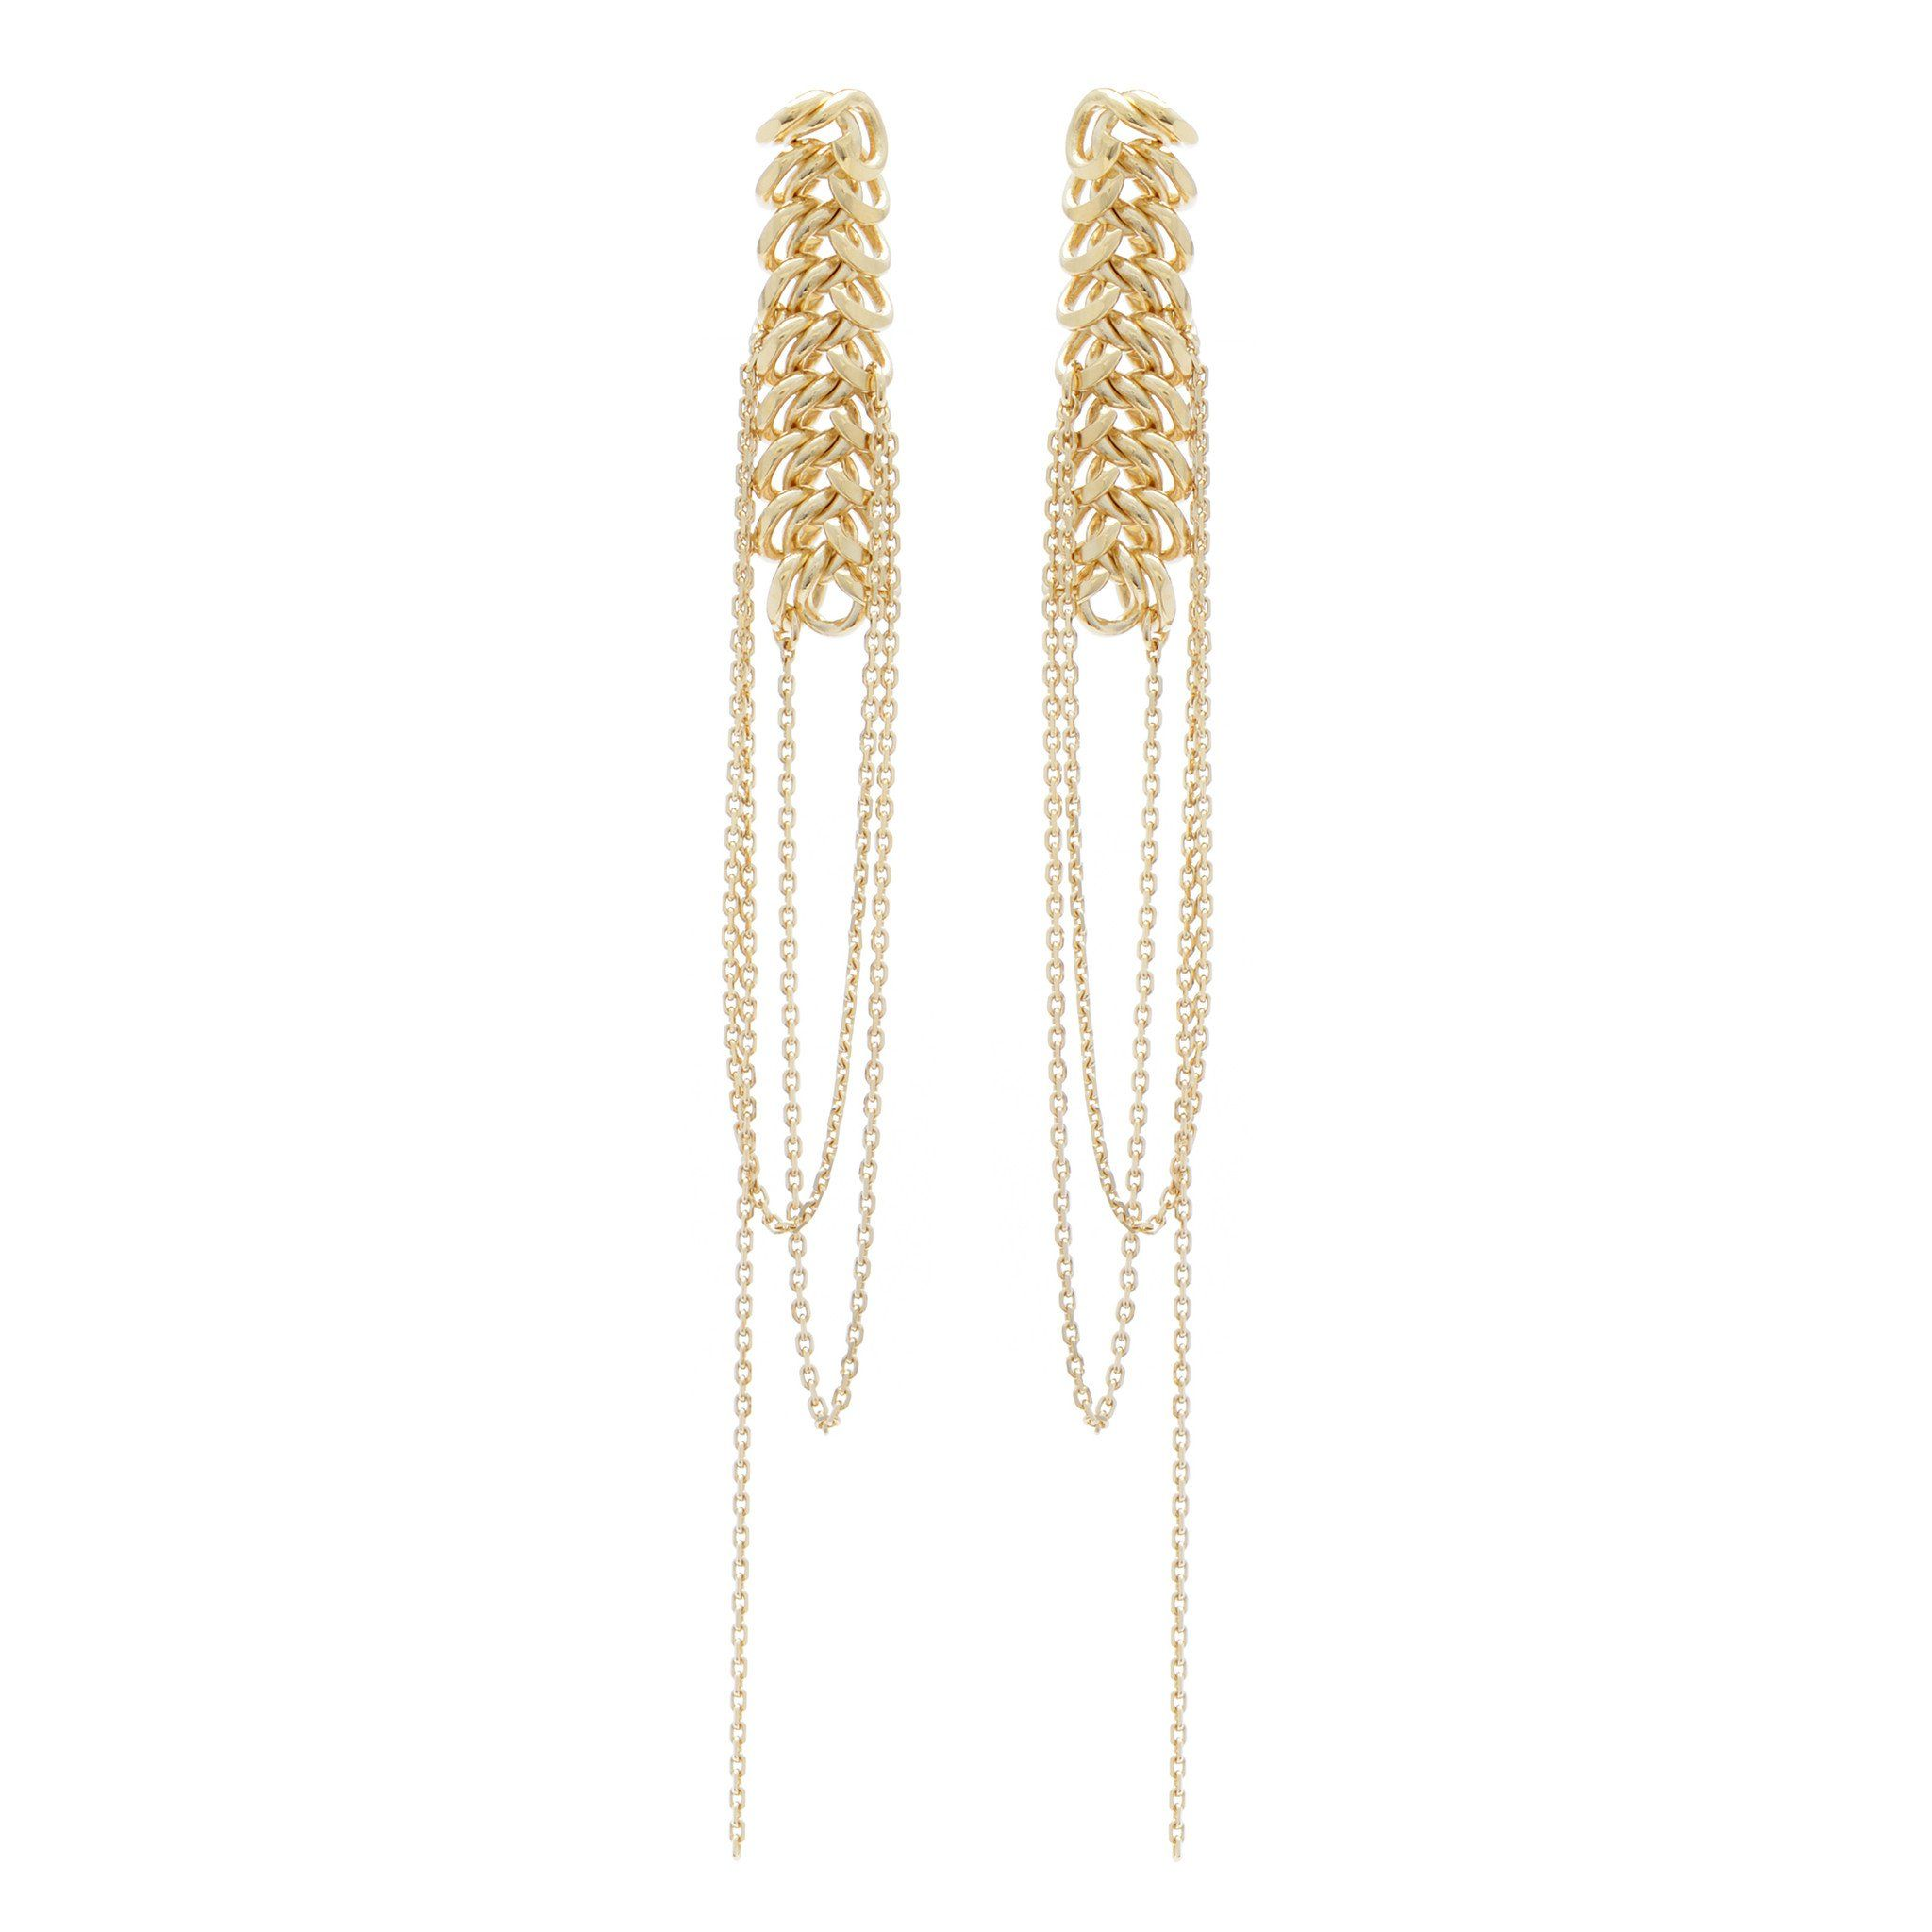 Statement chain earrings wouters u hendrix winter pinterest